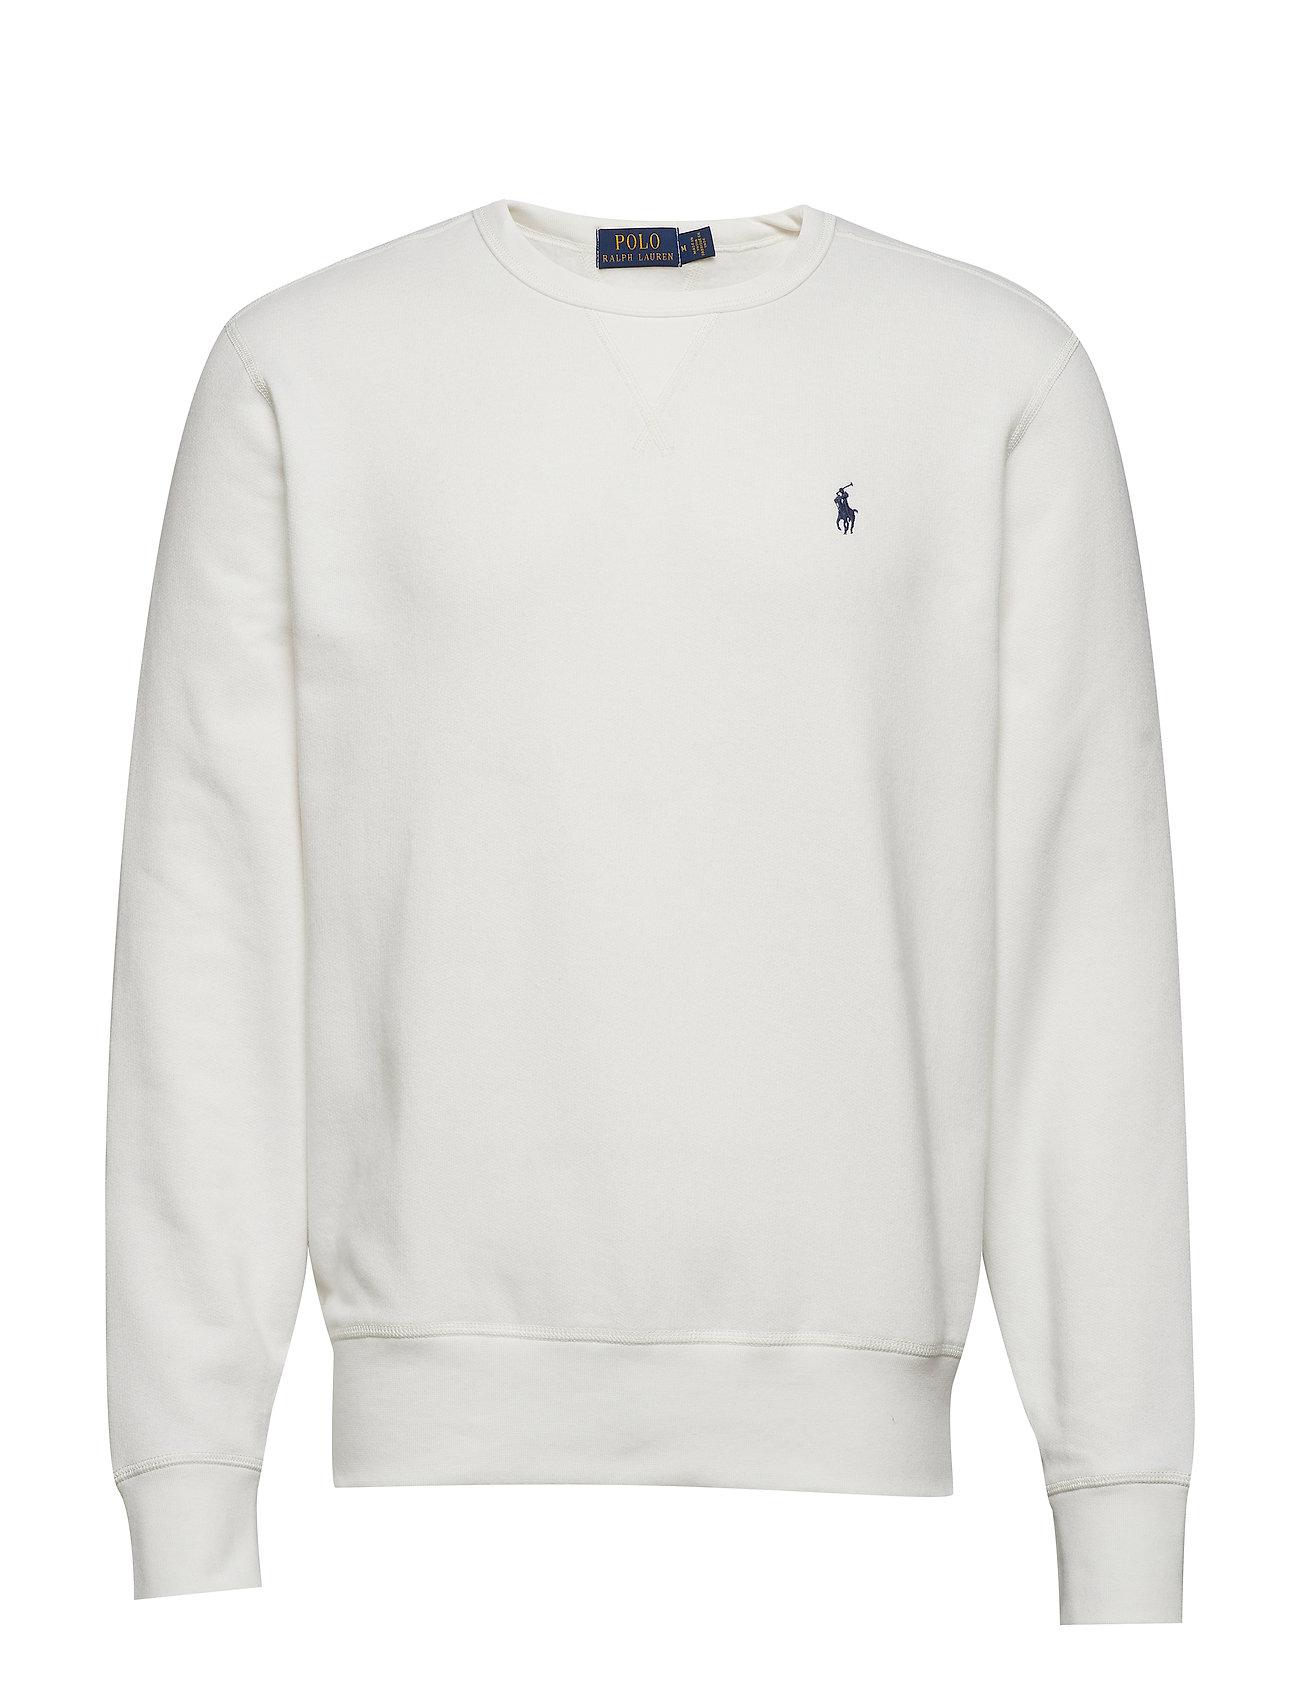 Lscnm1 Sleeve knitnevisPolo long Ralph Lauren USzqMVp